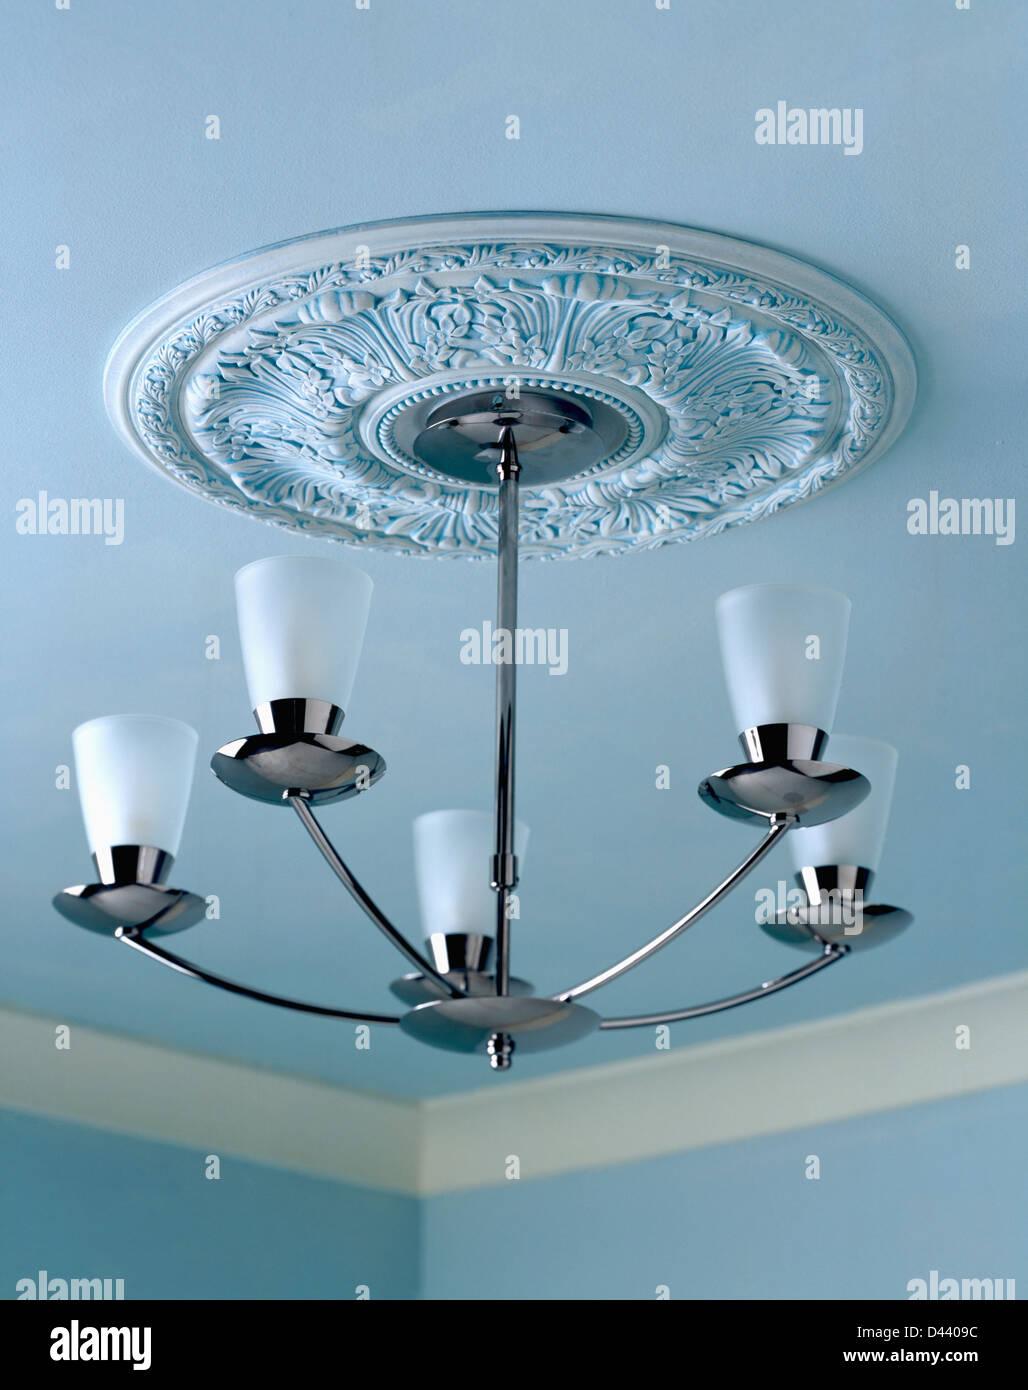 modern glass lighting. Plaster Ceiling Rose And Modern Chrome Glass Light Fitting Lighting